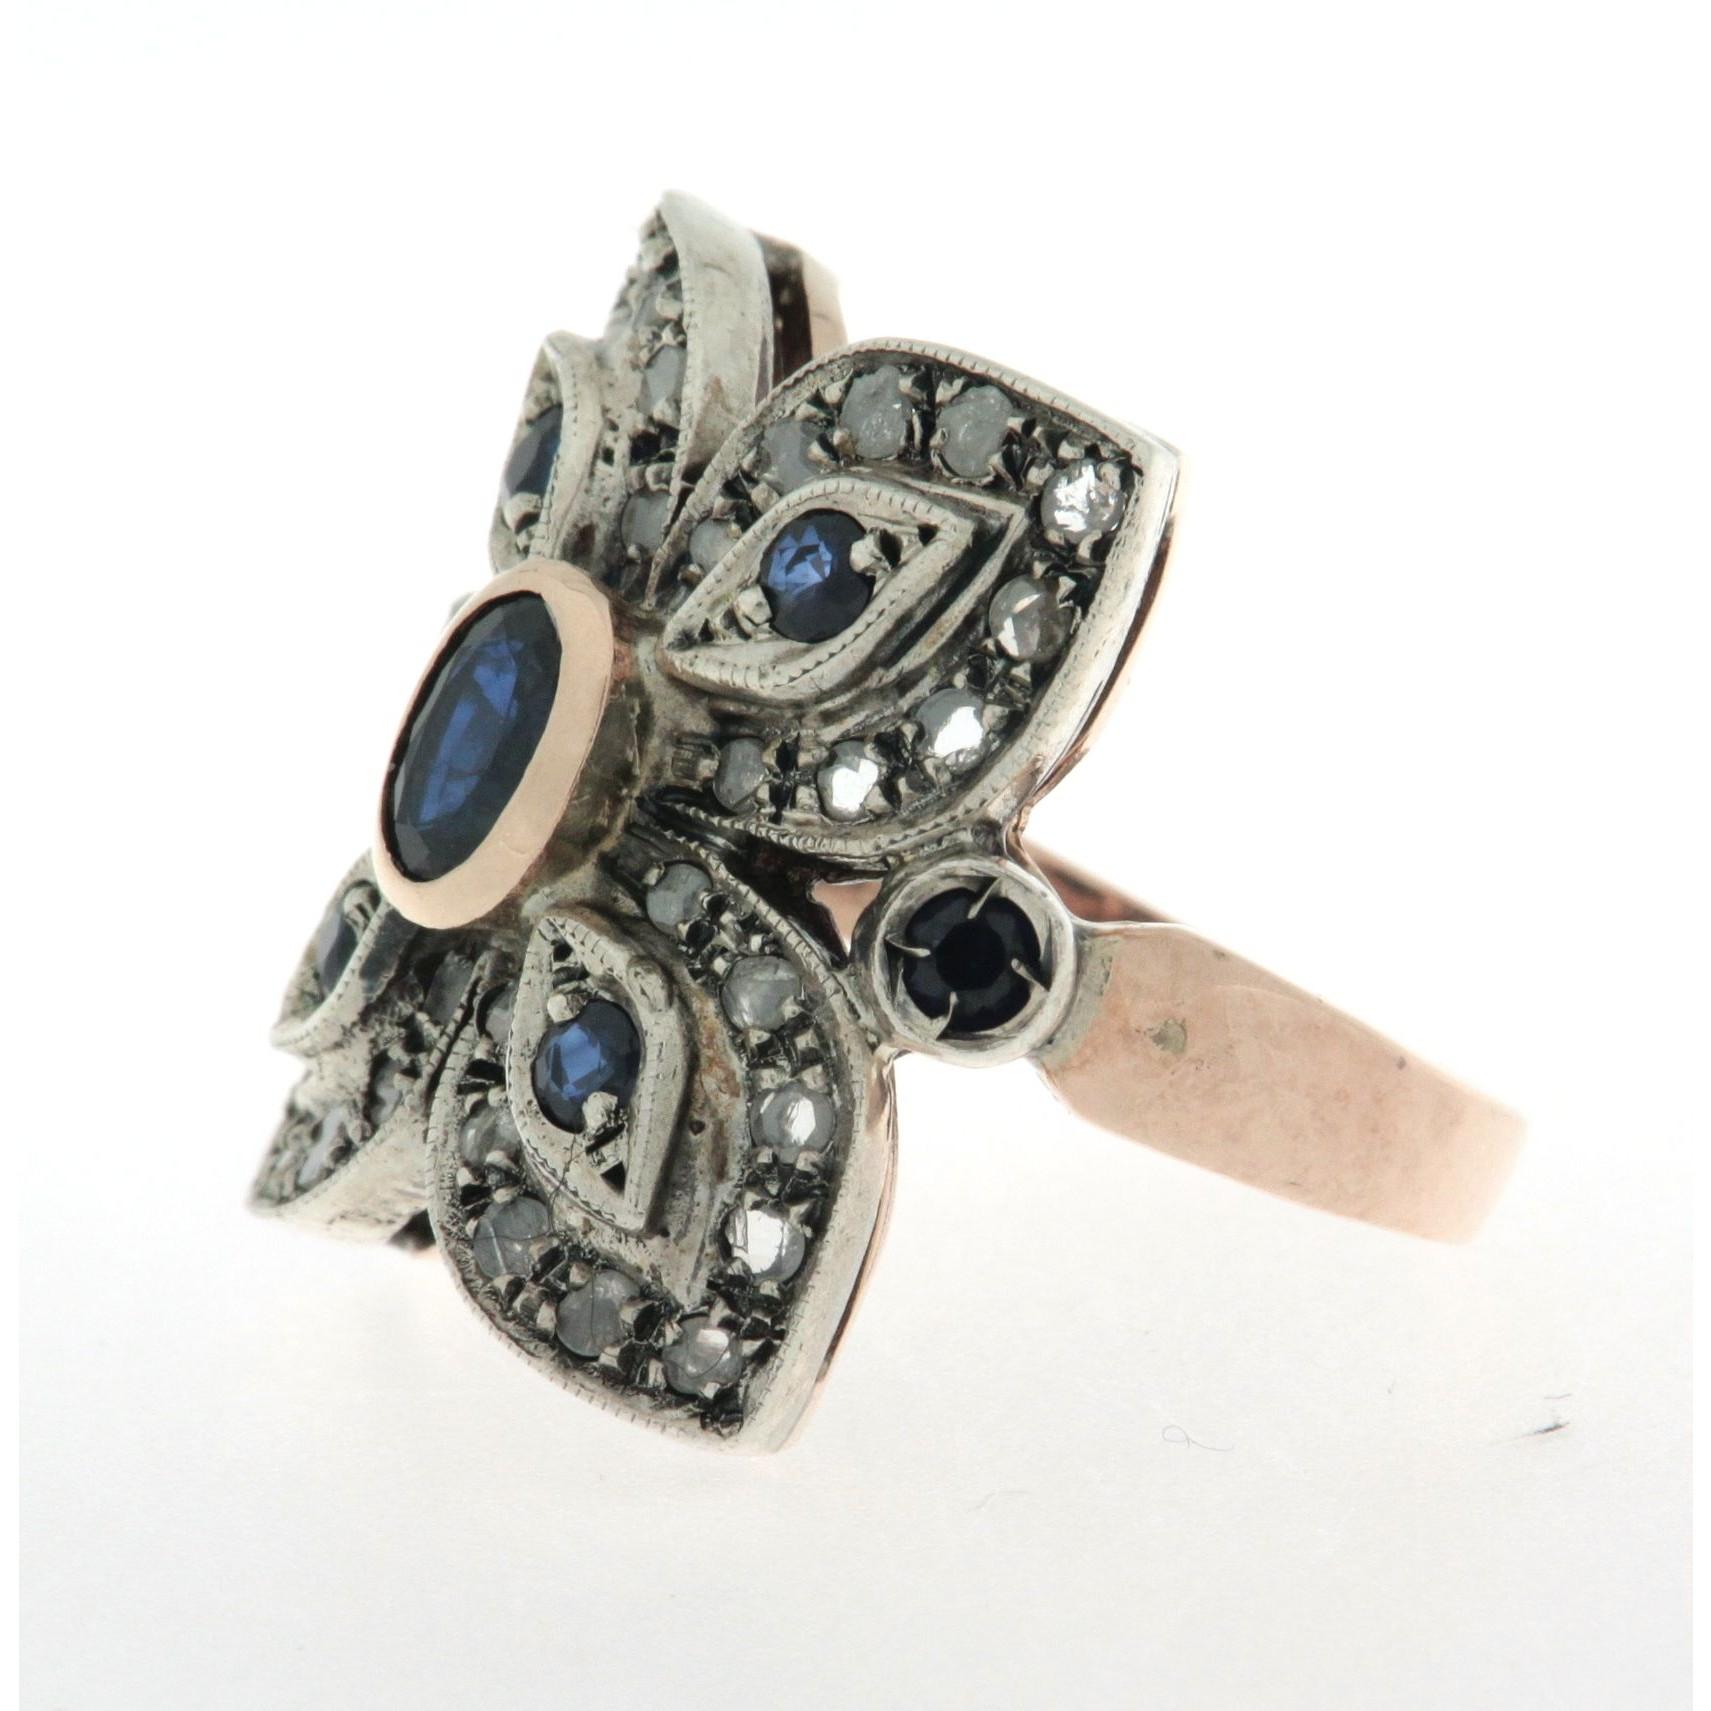 selezione migliore 8ca14 6a89c Anello in oro 14 kt e argento, in stile Liberty, con zaffiri naturali e  diamanti